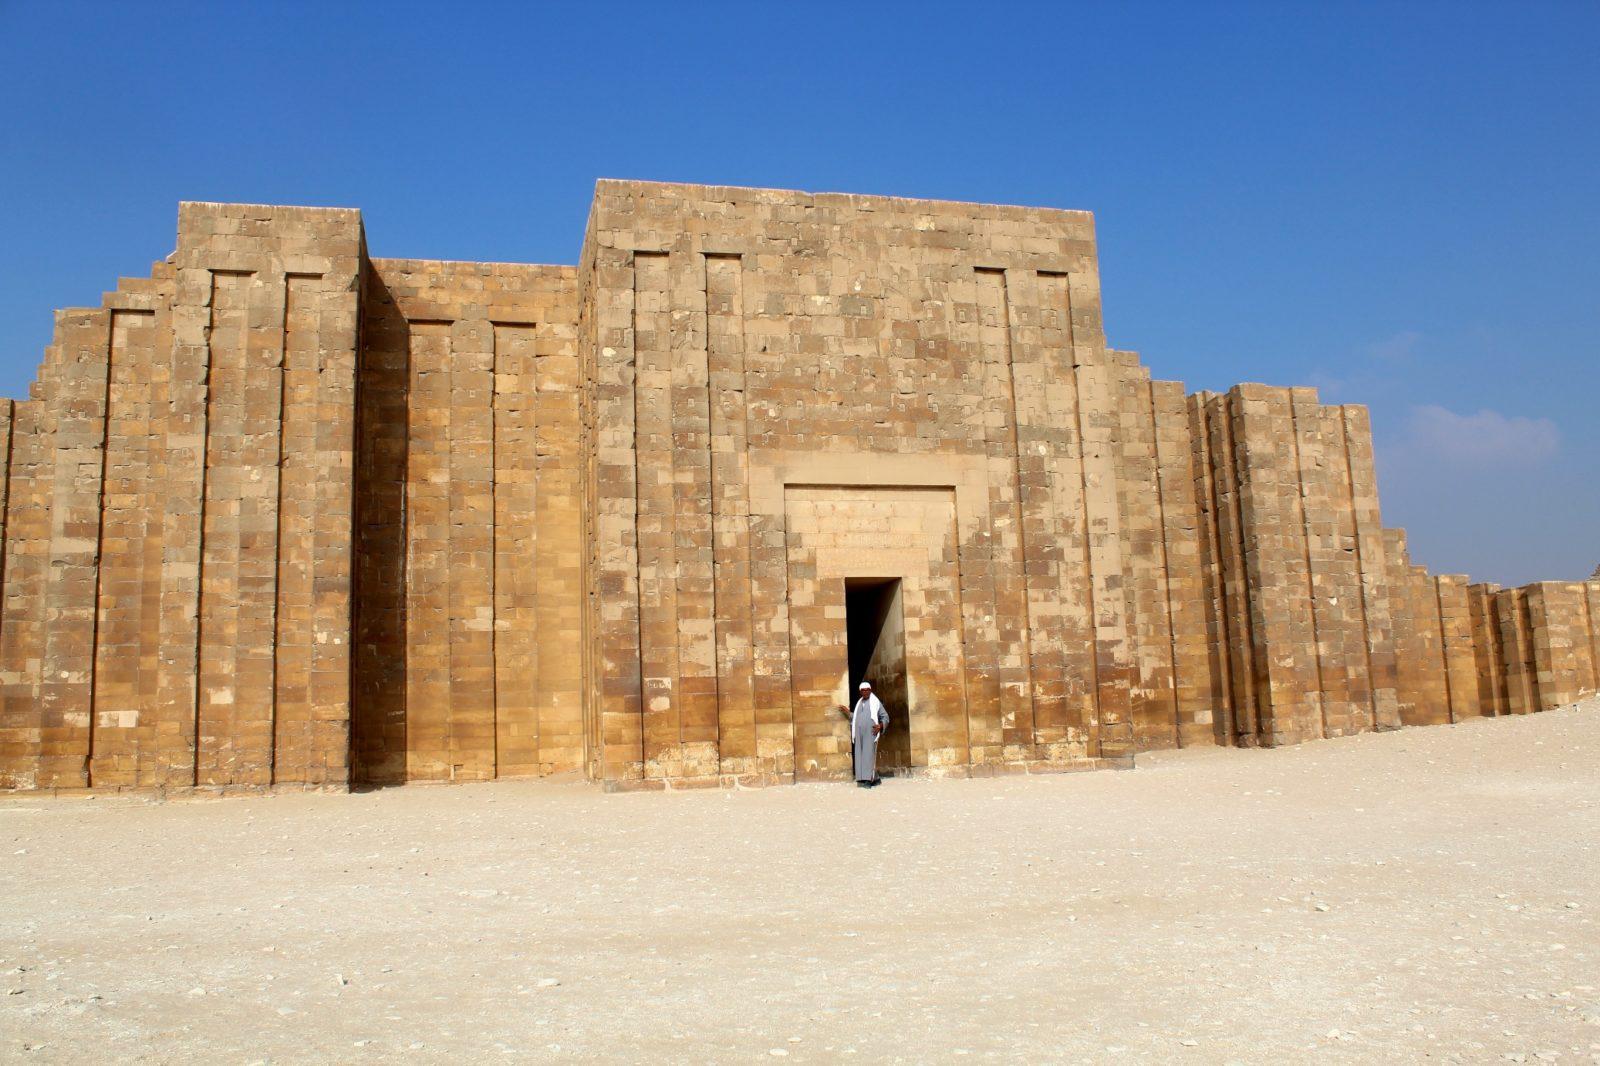 саккара египет стена